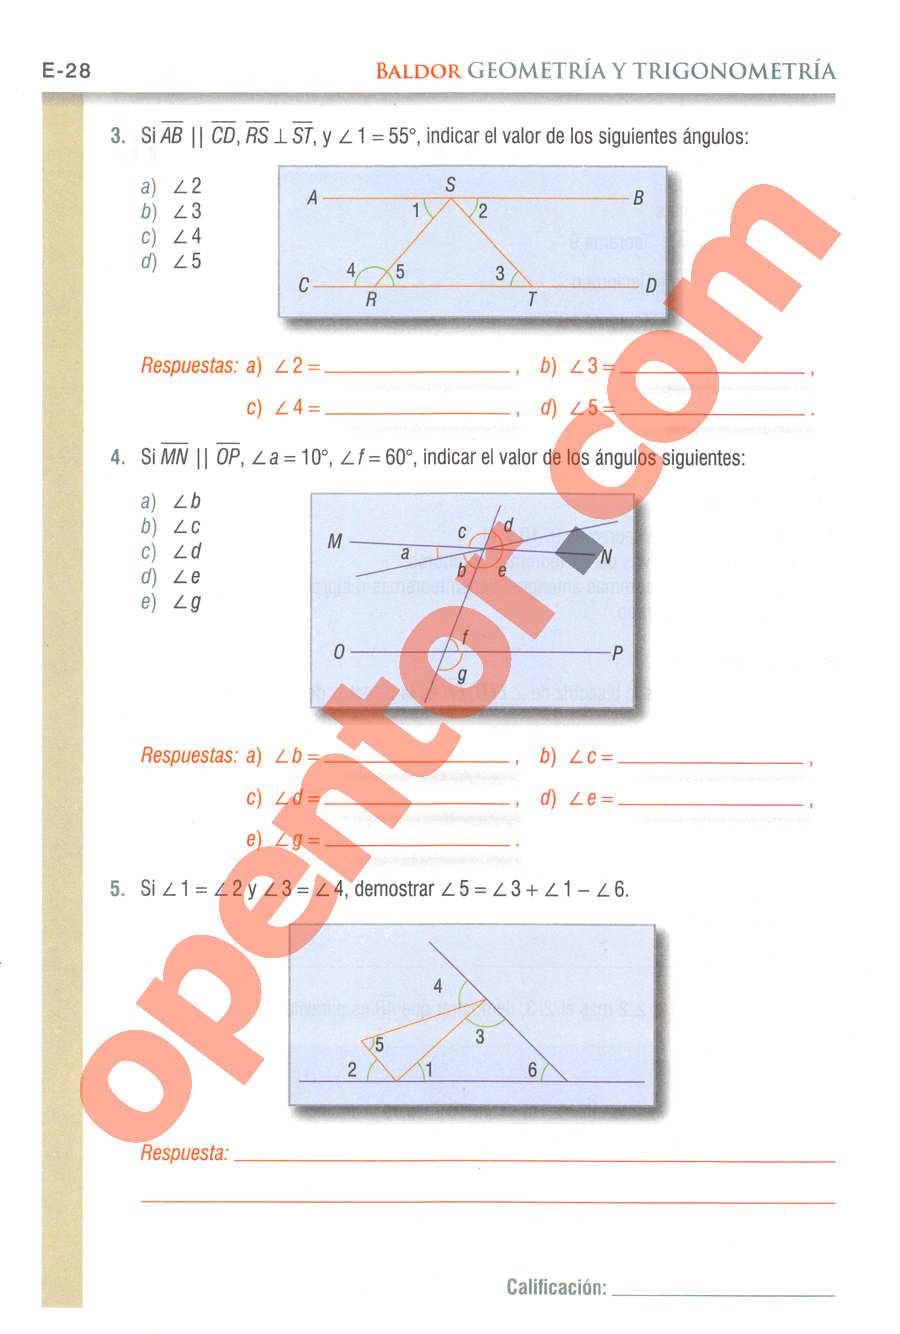 Geometría y Trigonometría de Baldor - Página E28